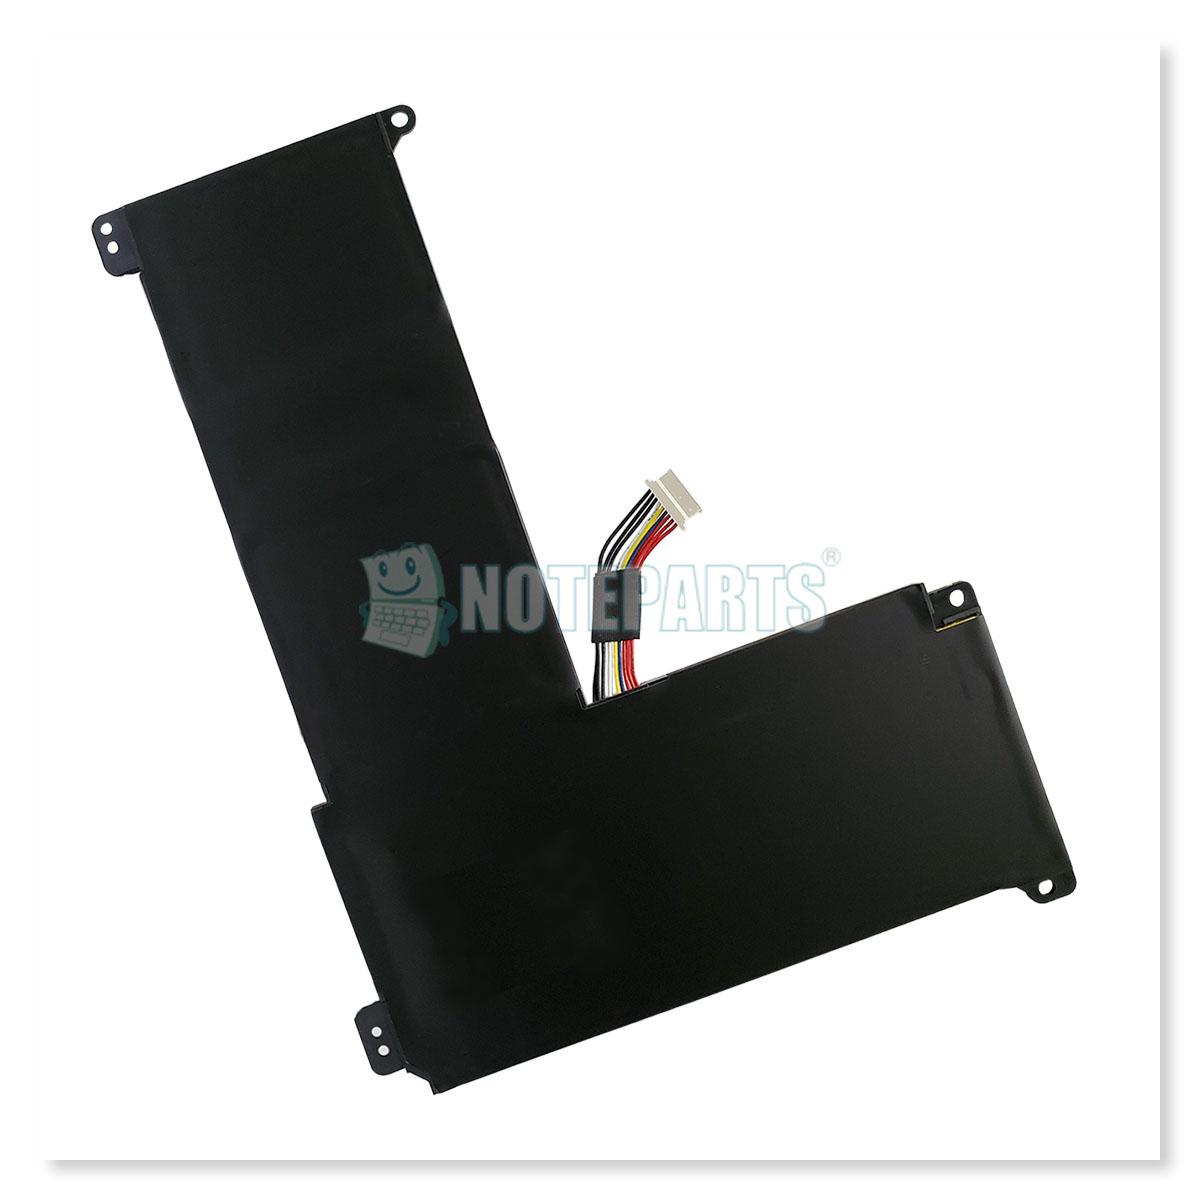 Lenovo純正 レノボ ideapad 120s (11.6型/14型) 110s-11IAP 120s-14IAP バッテリー 0813007 5B10P23779